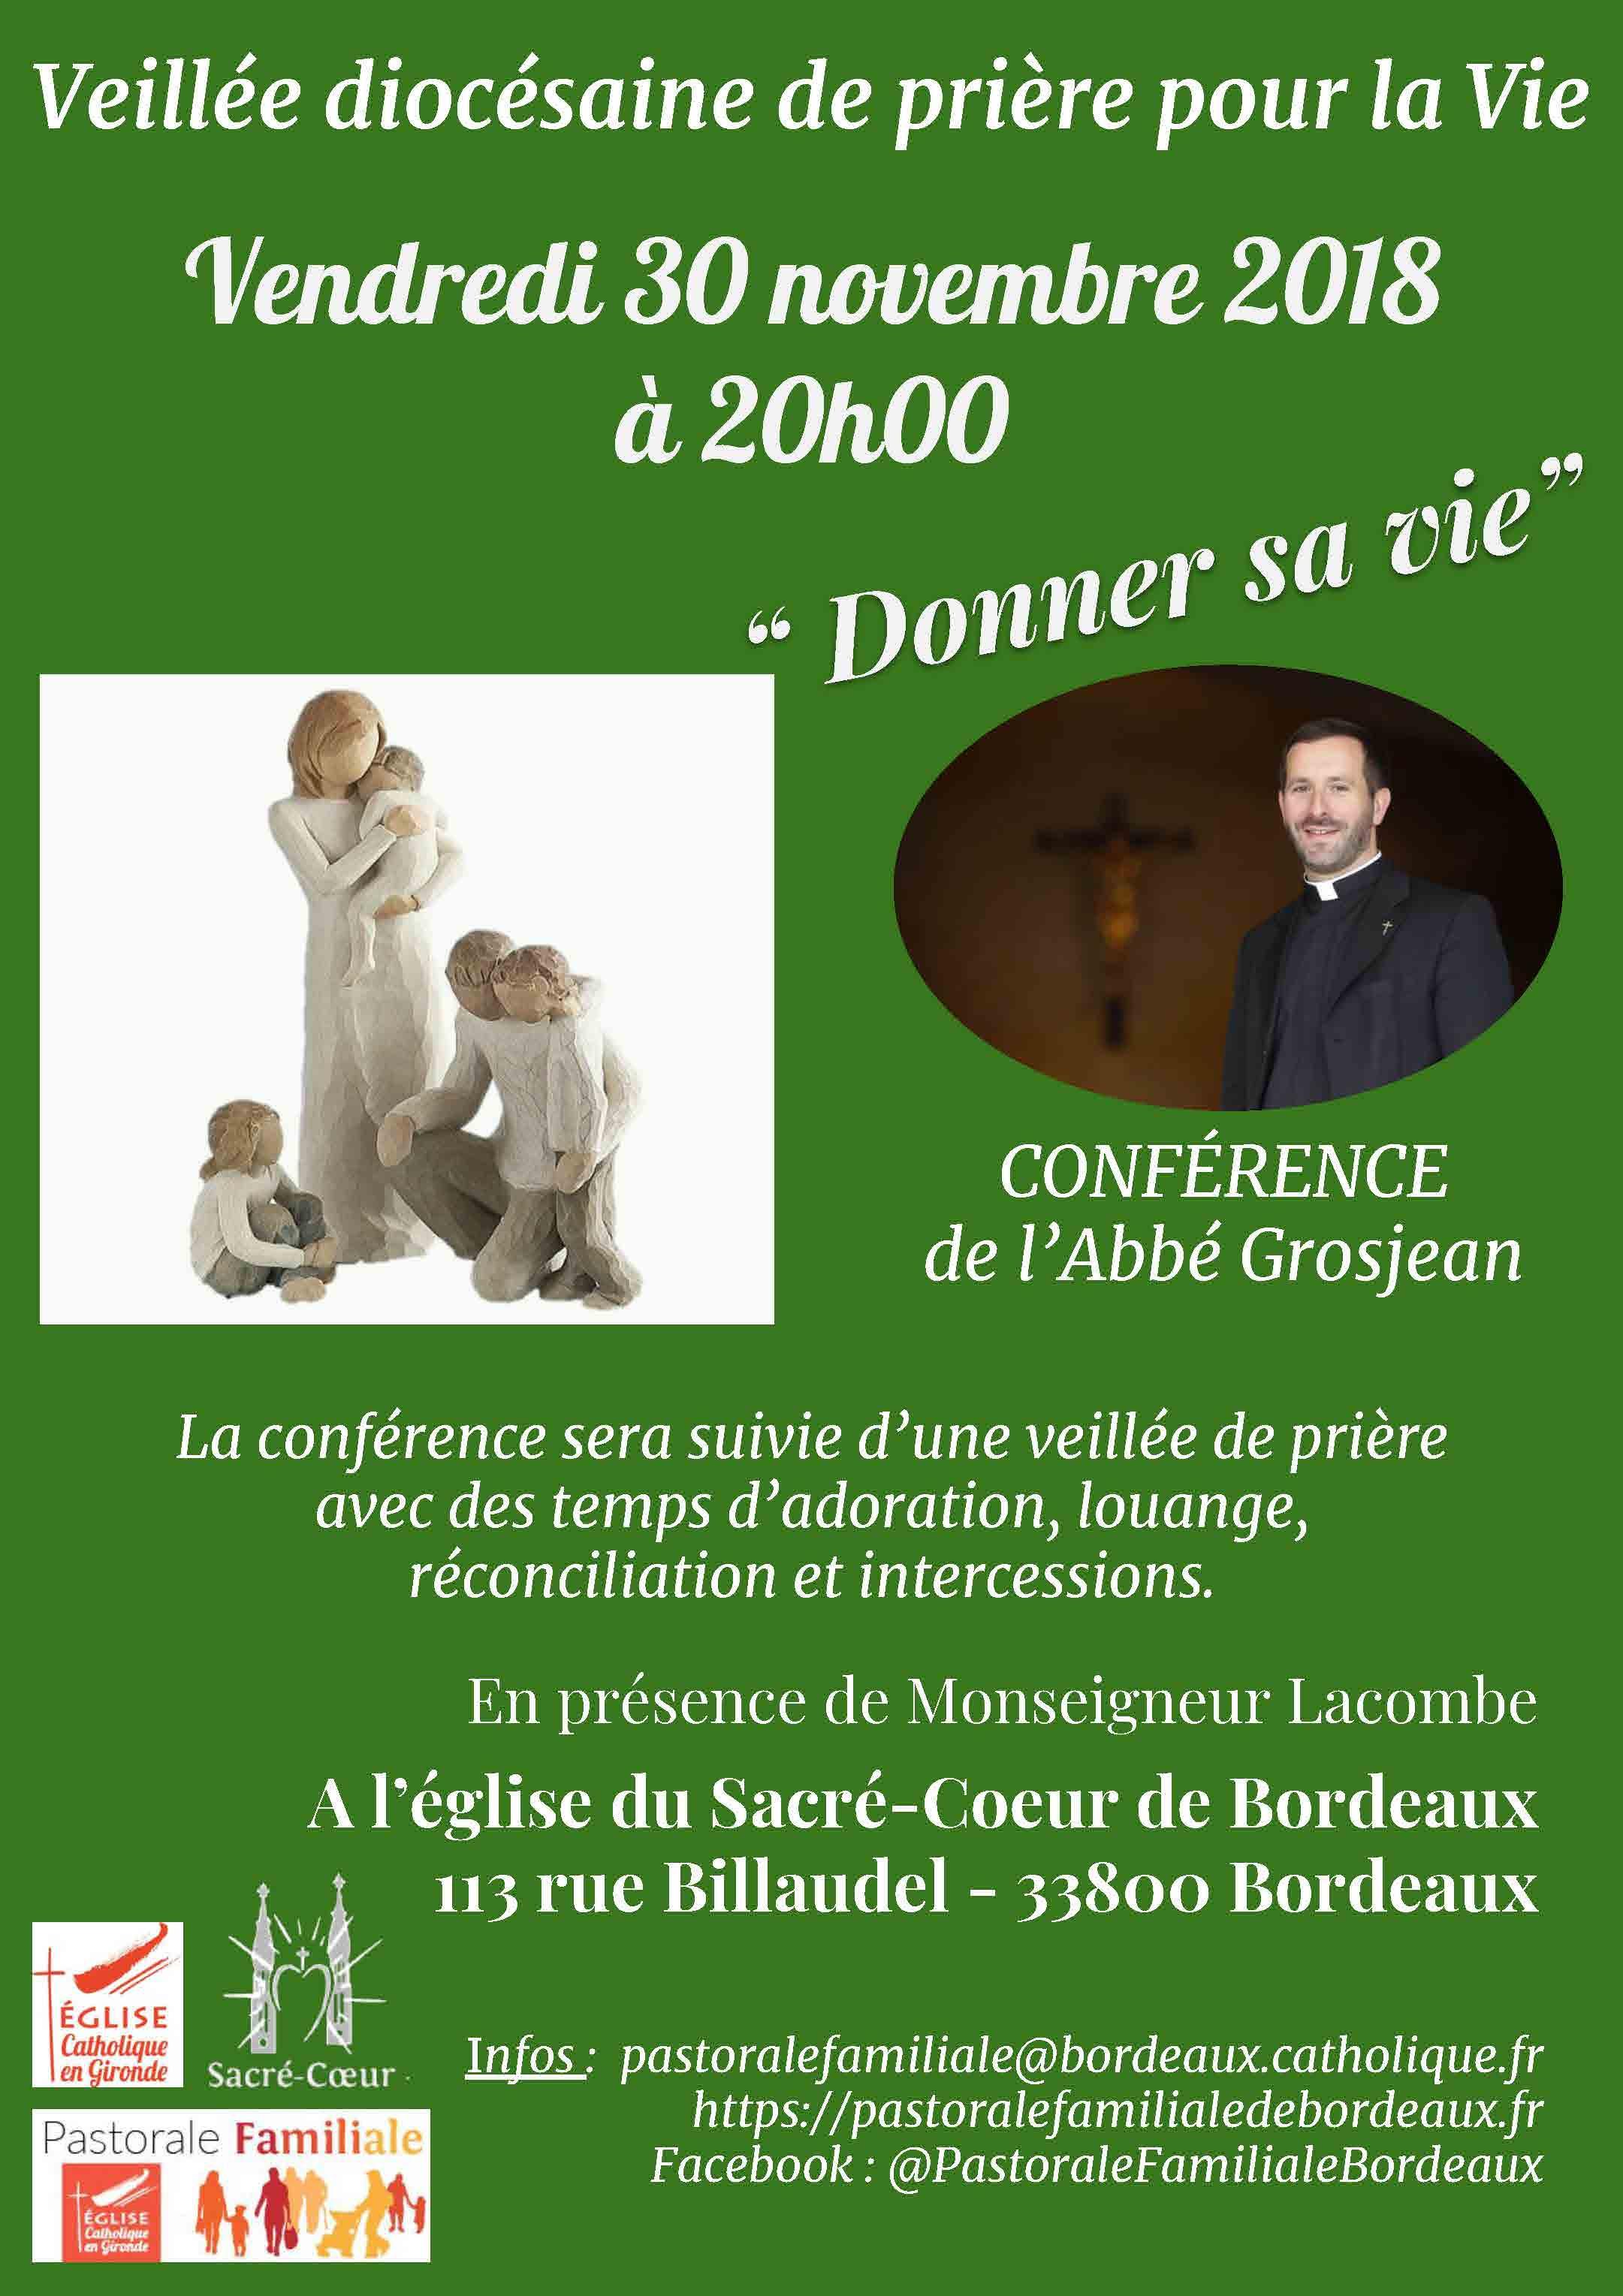 Veillée diocésaine de prière pour la vie le 30 novembre 2018 à Bordeaux (33)